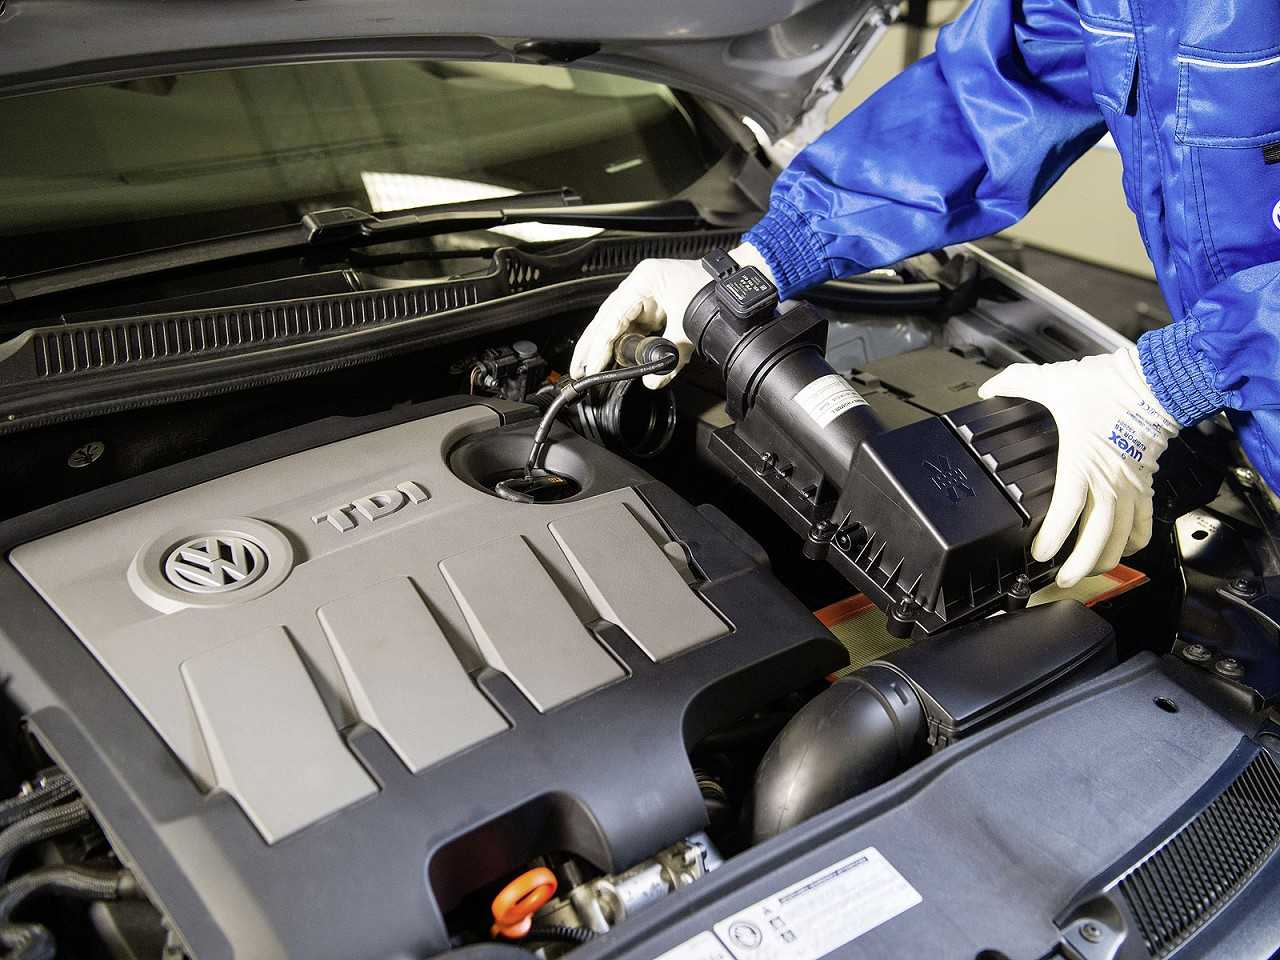 Motor a diesel da Volkswagen afetado pelo dieselgate